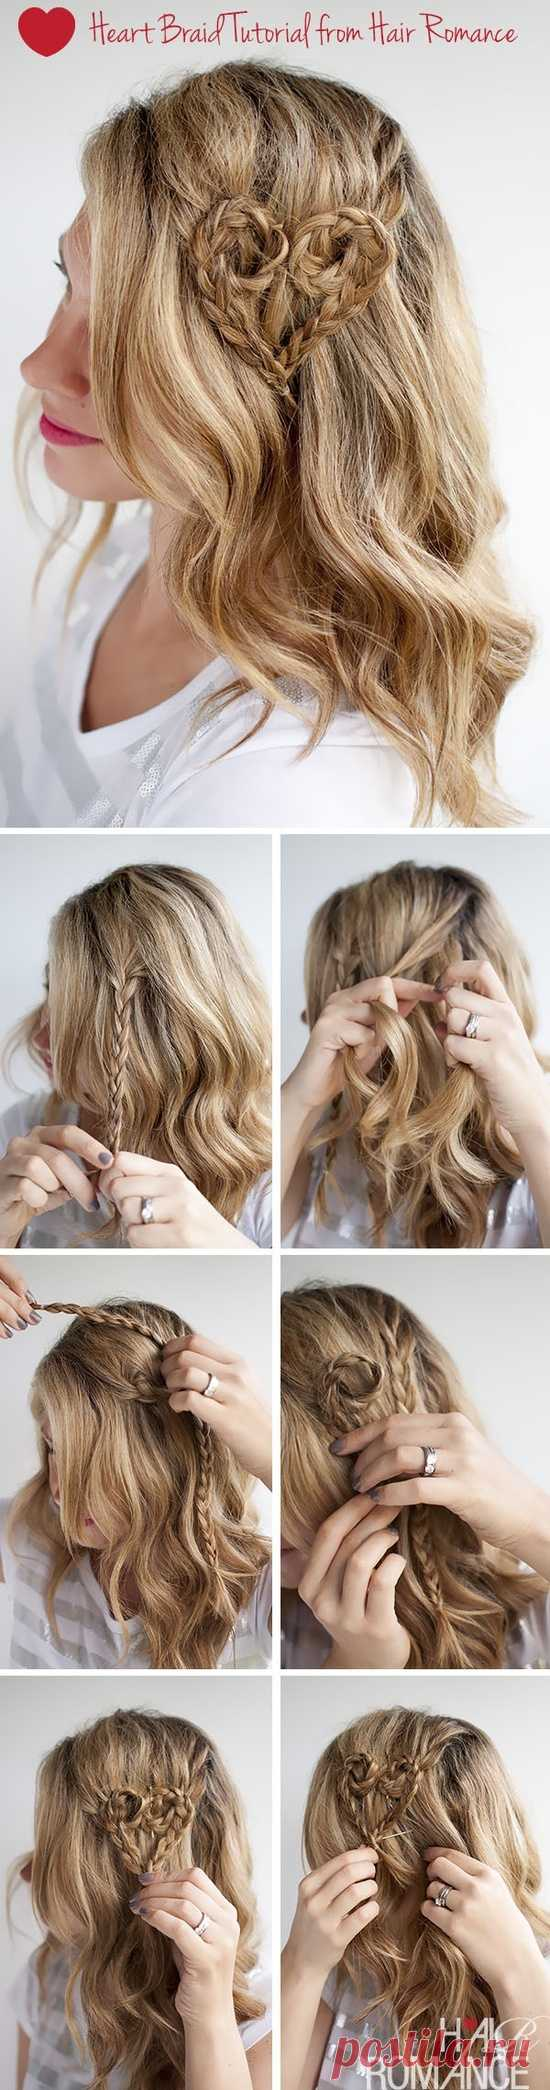 Сердце в волосах: плетение из кос